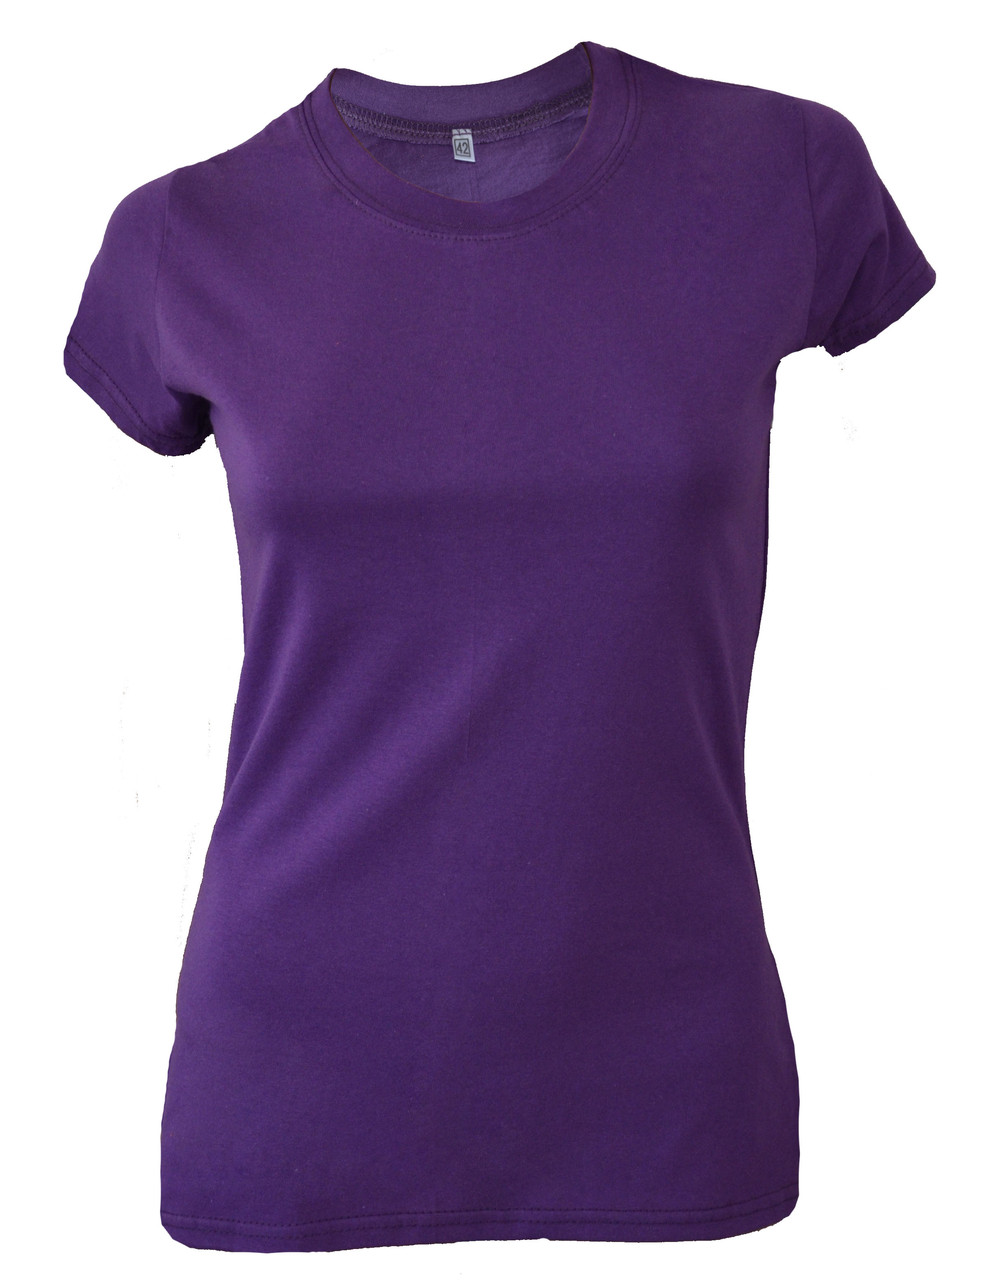 Футболка женская фиолетовая с разрезами по бокам оптом